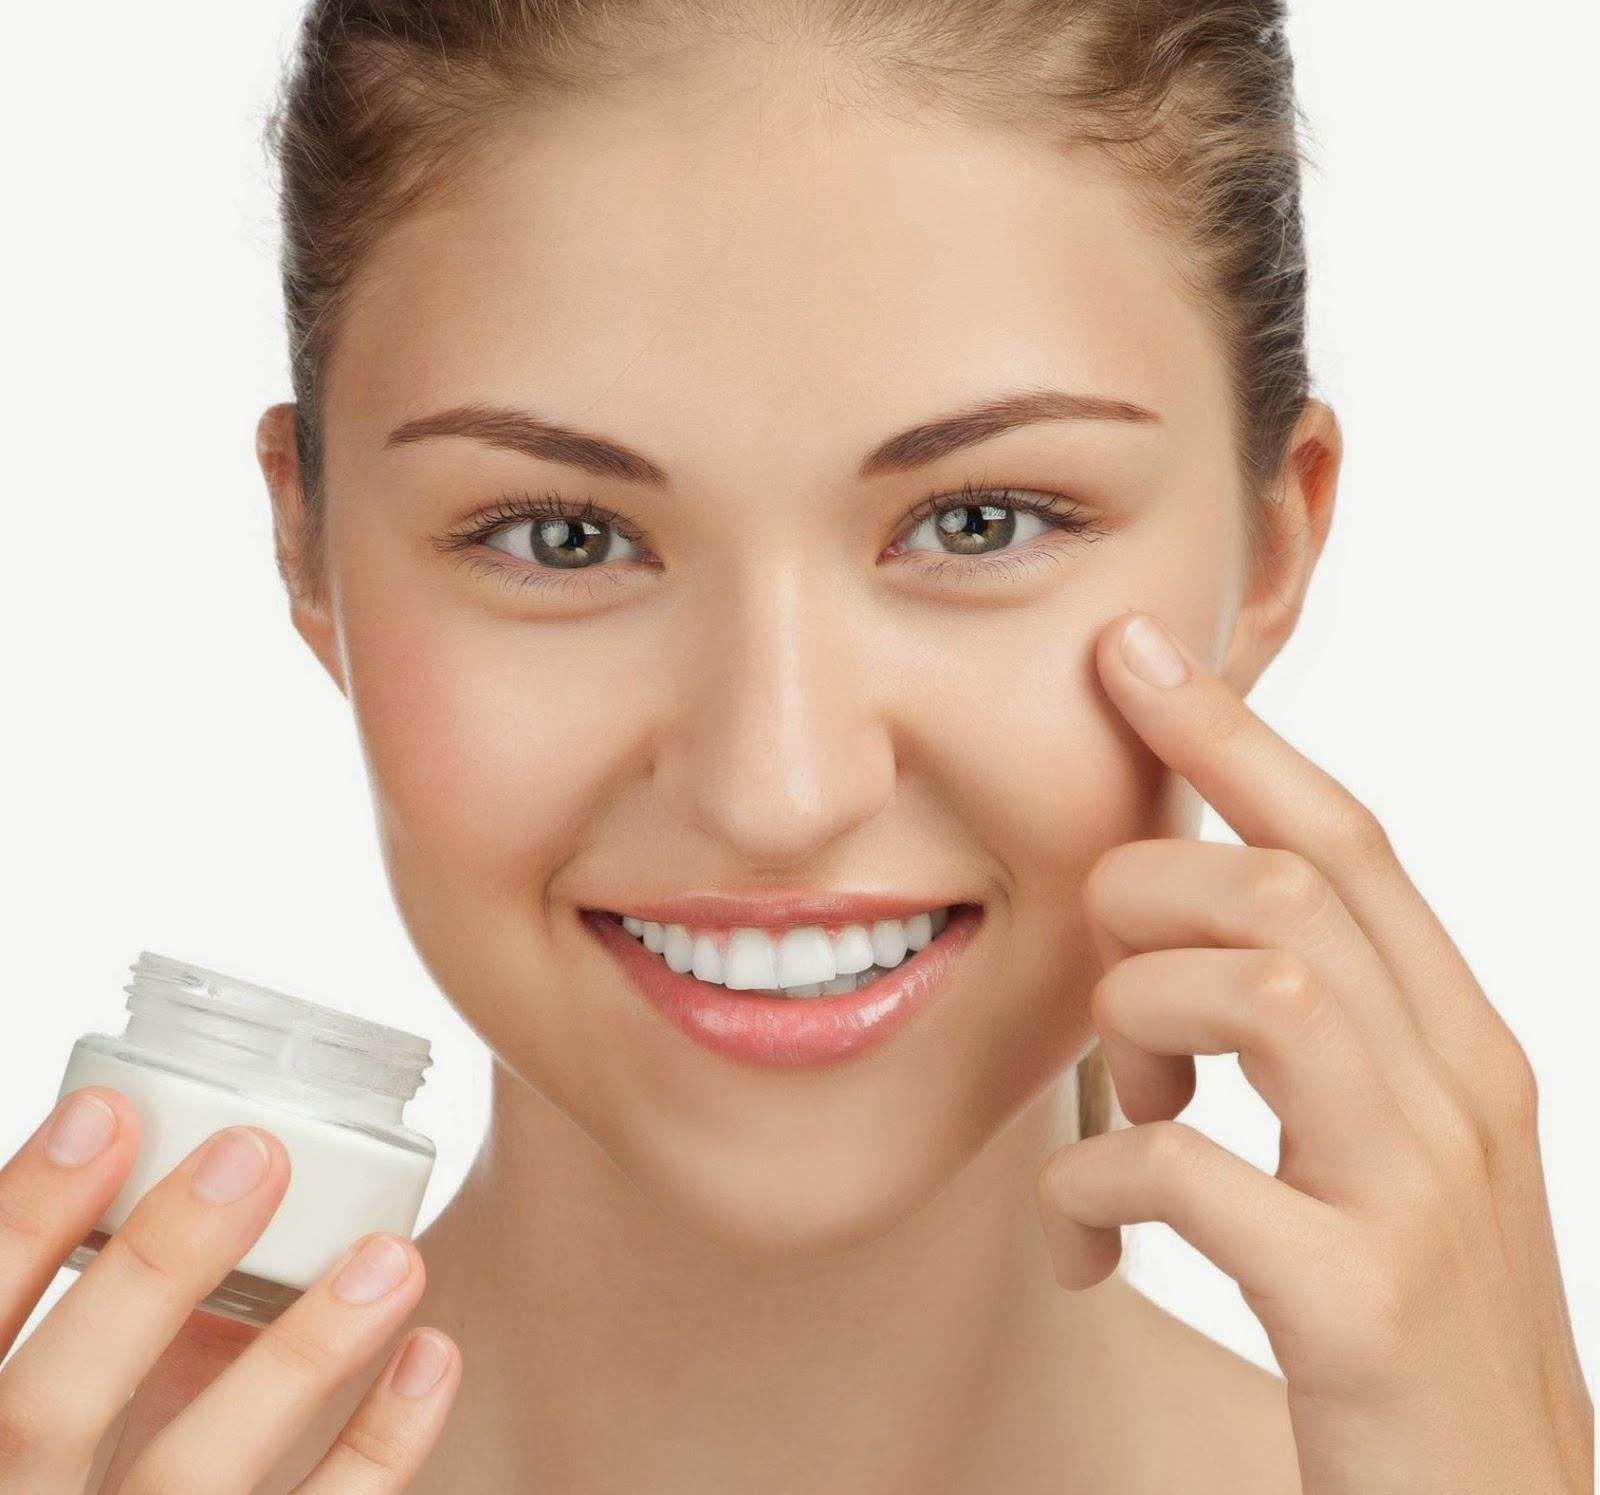 cream pemutih wajah alami tanpa efek samping